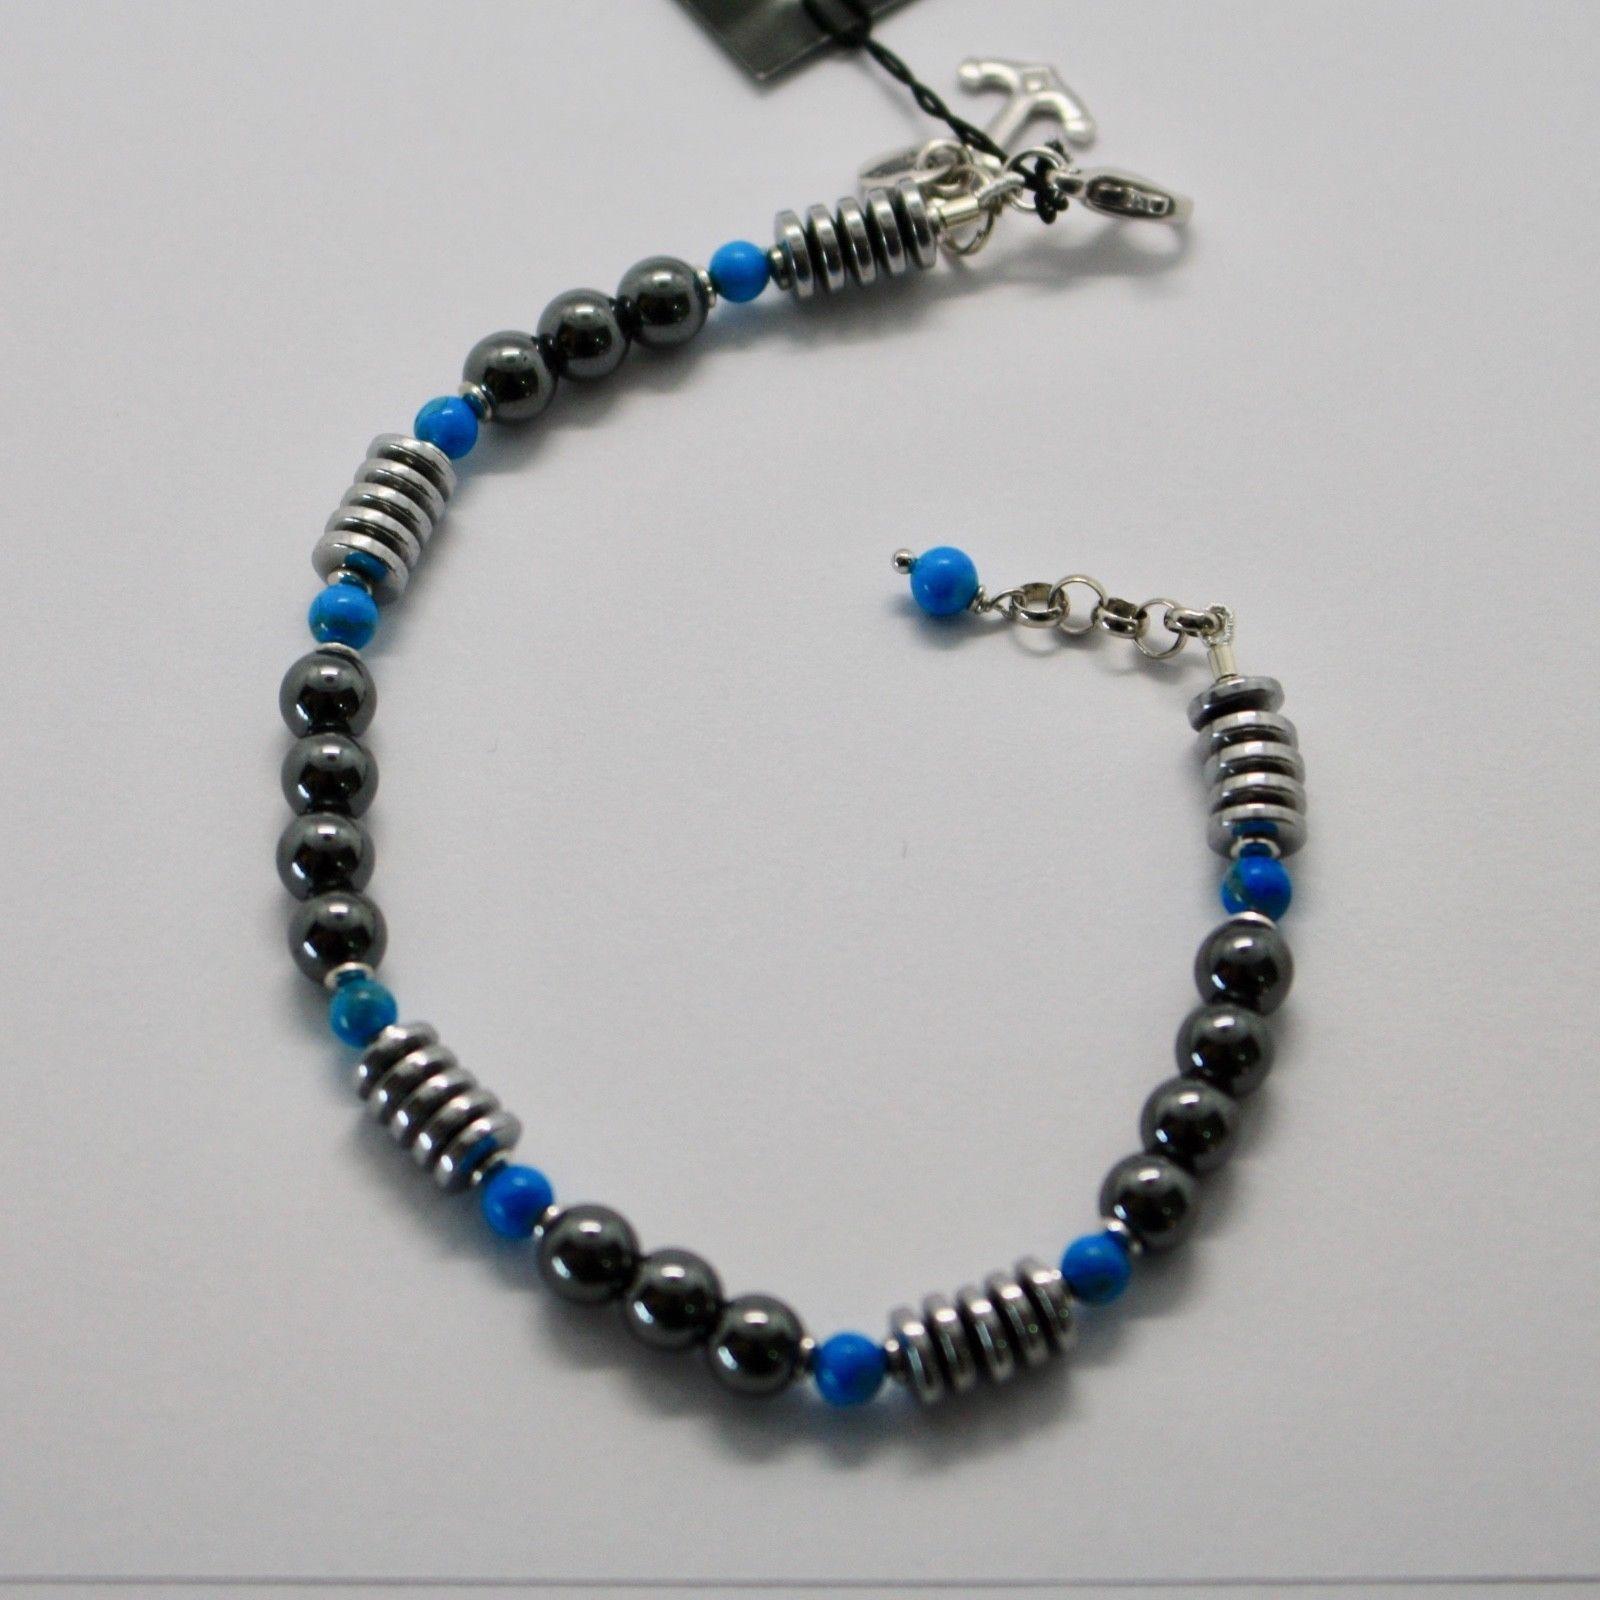 Bracelet en Argent 925 avec Turquoise Ed Hématite BLE-2 Fabriqué en Italie By